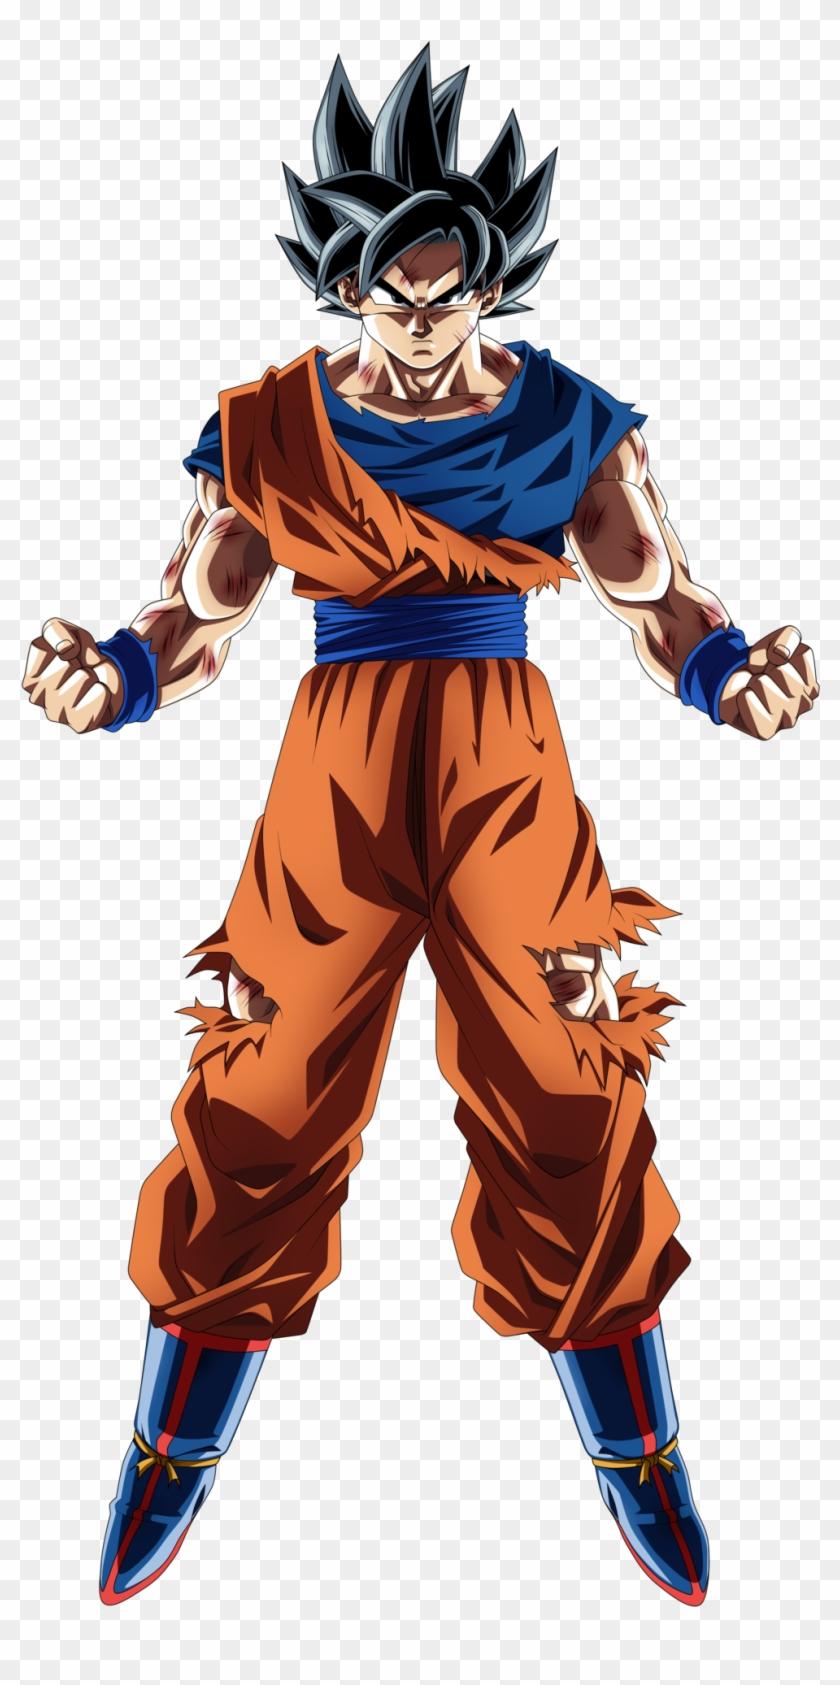 Son New By Nekoar Xg K Nx - Goku Z Transformation Clipart #4437881